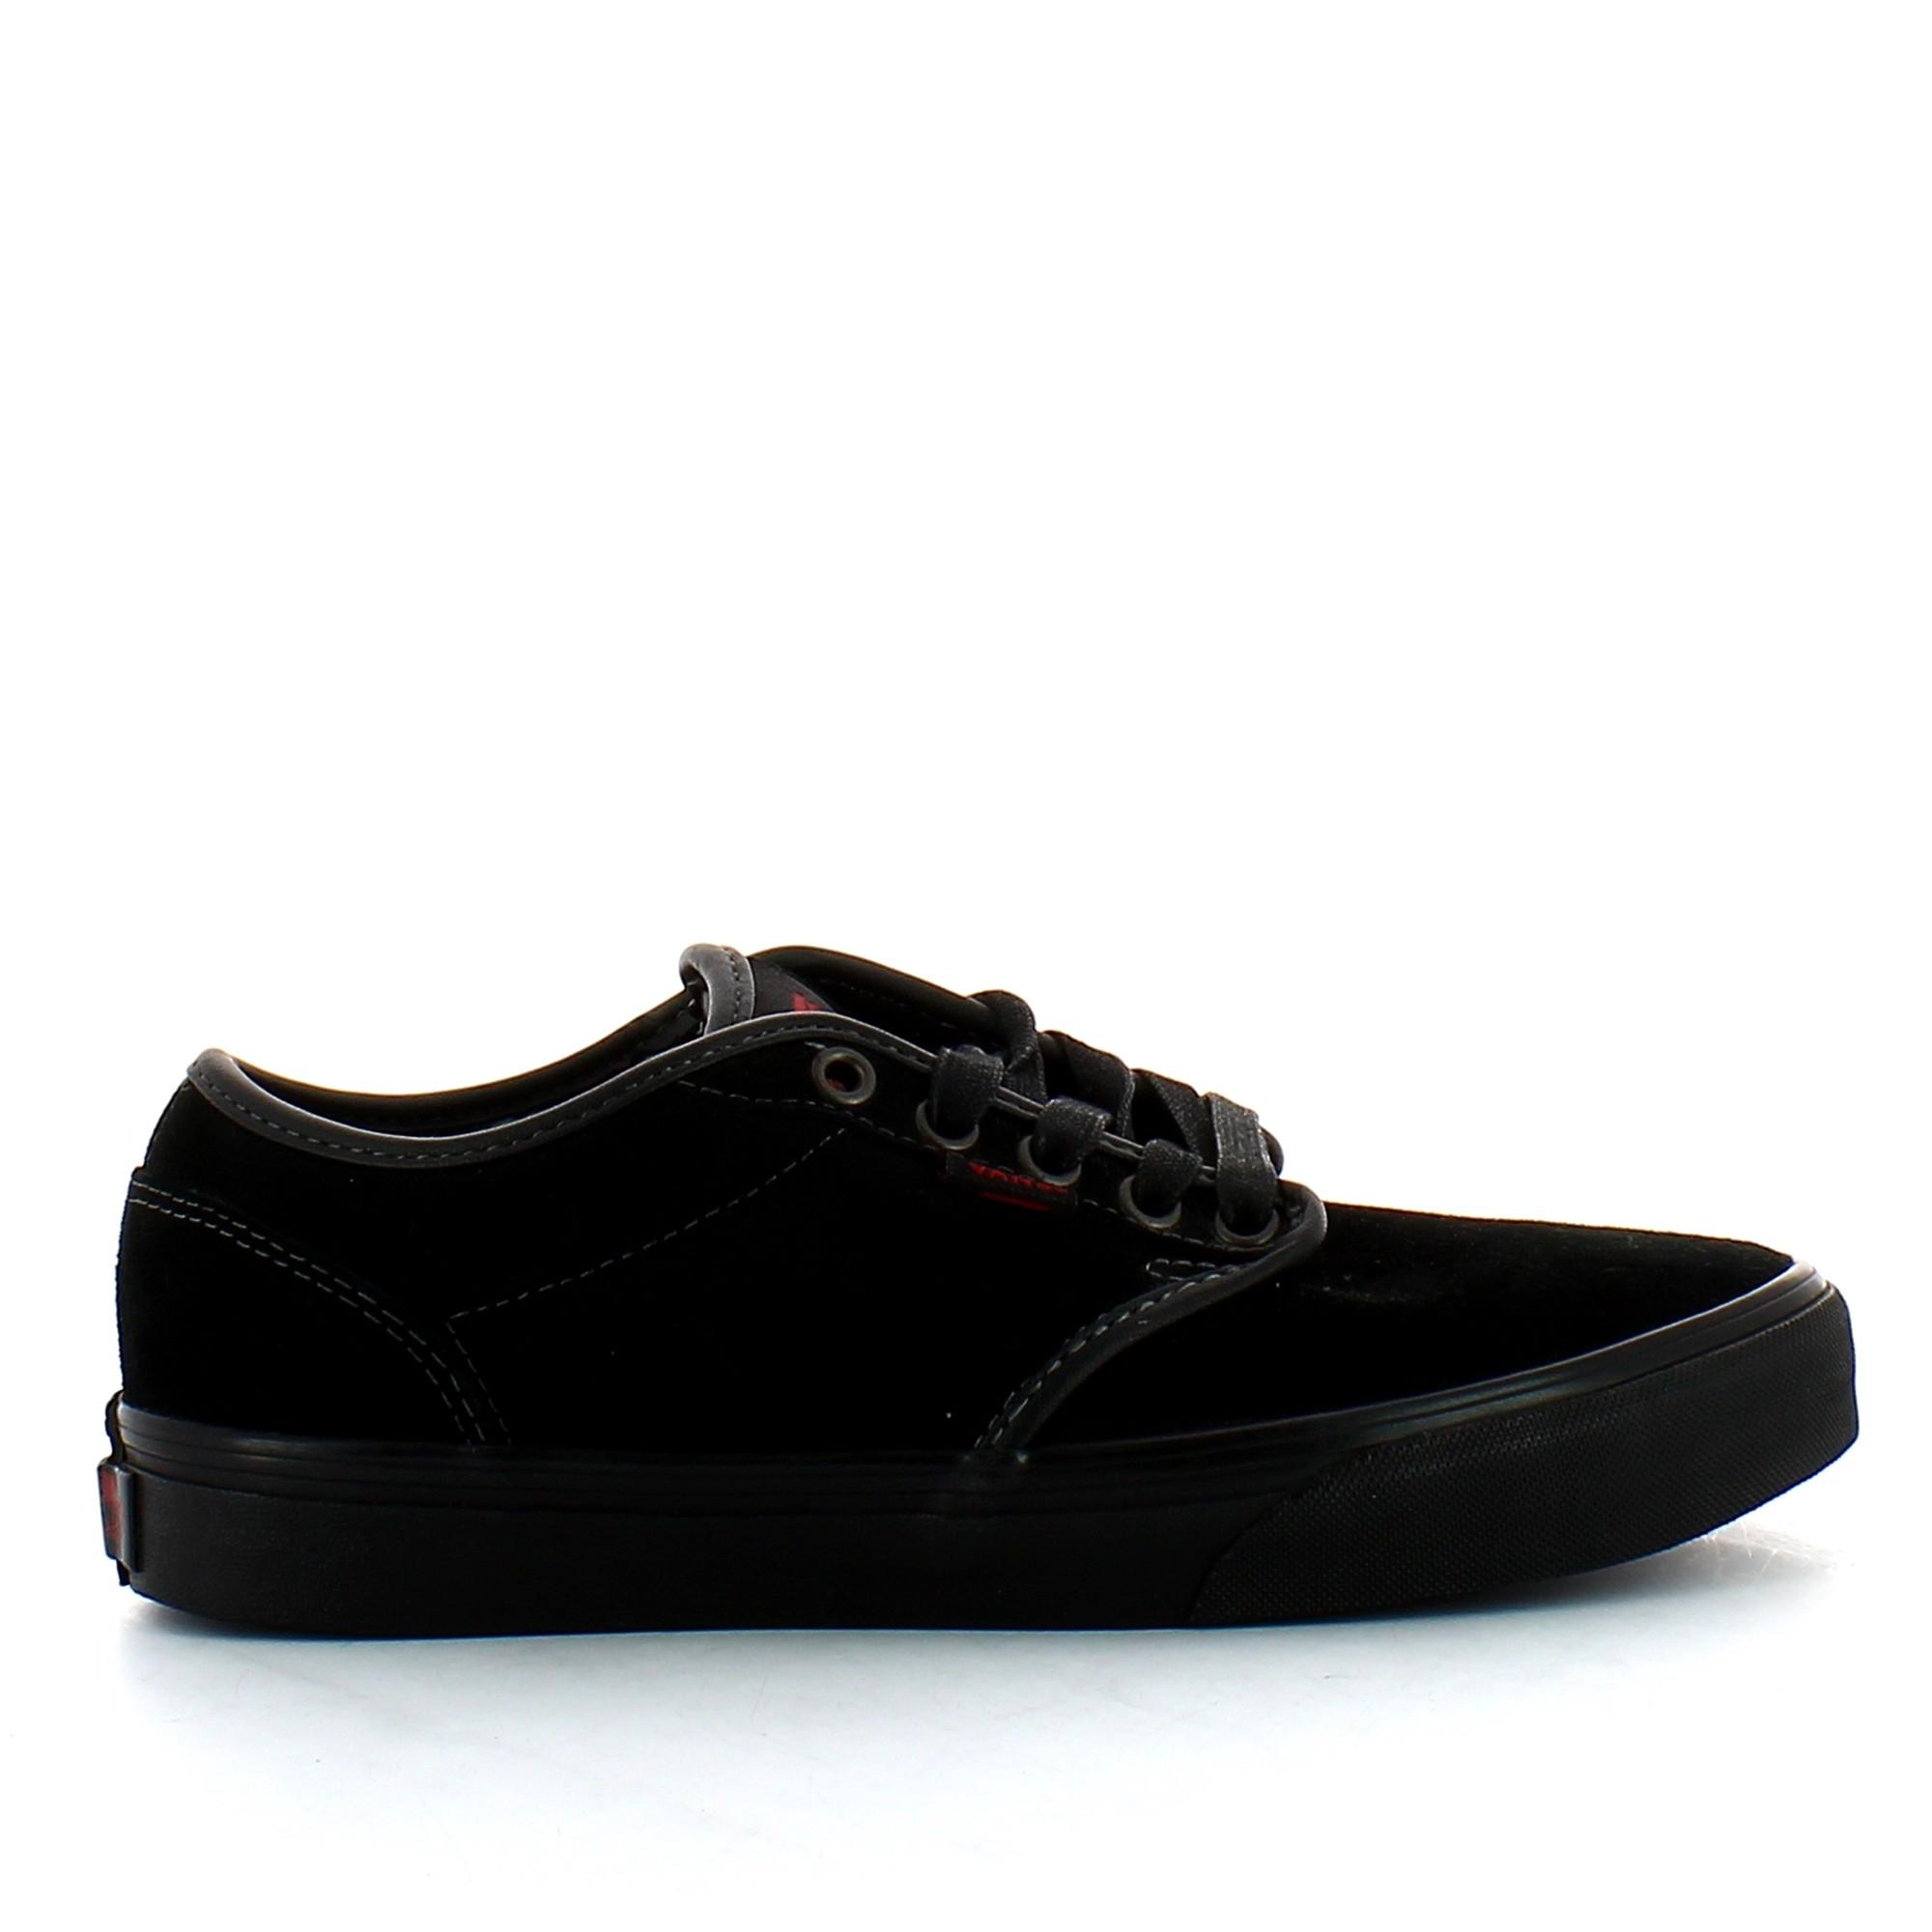 e3027a21f Zapatillas Vans M Atwood Negro Mate Hombre - Deportes Moya